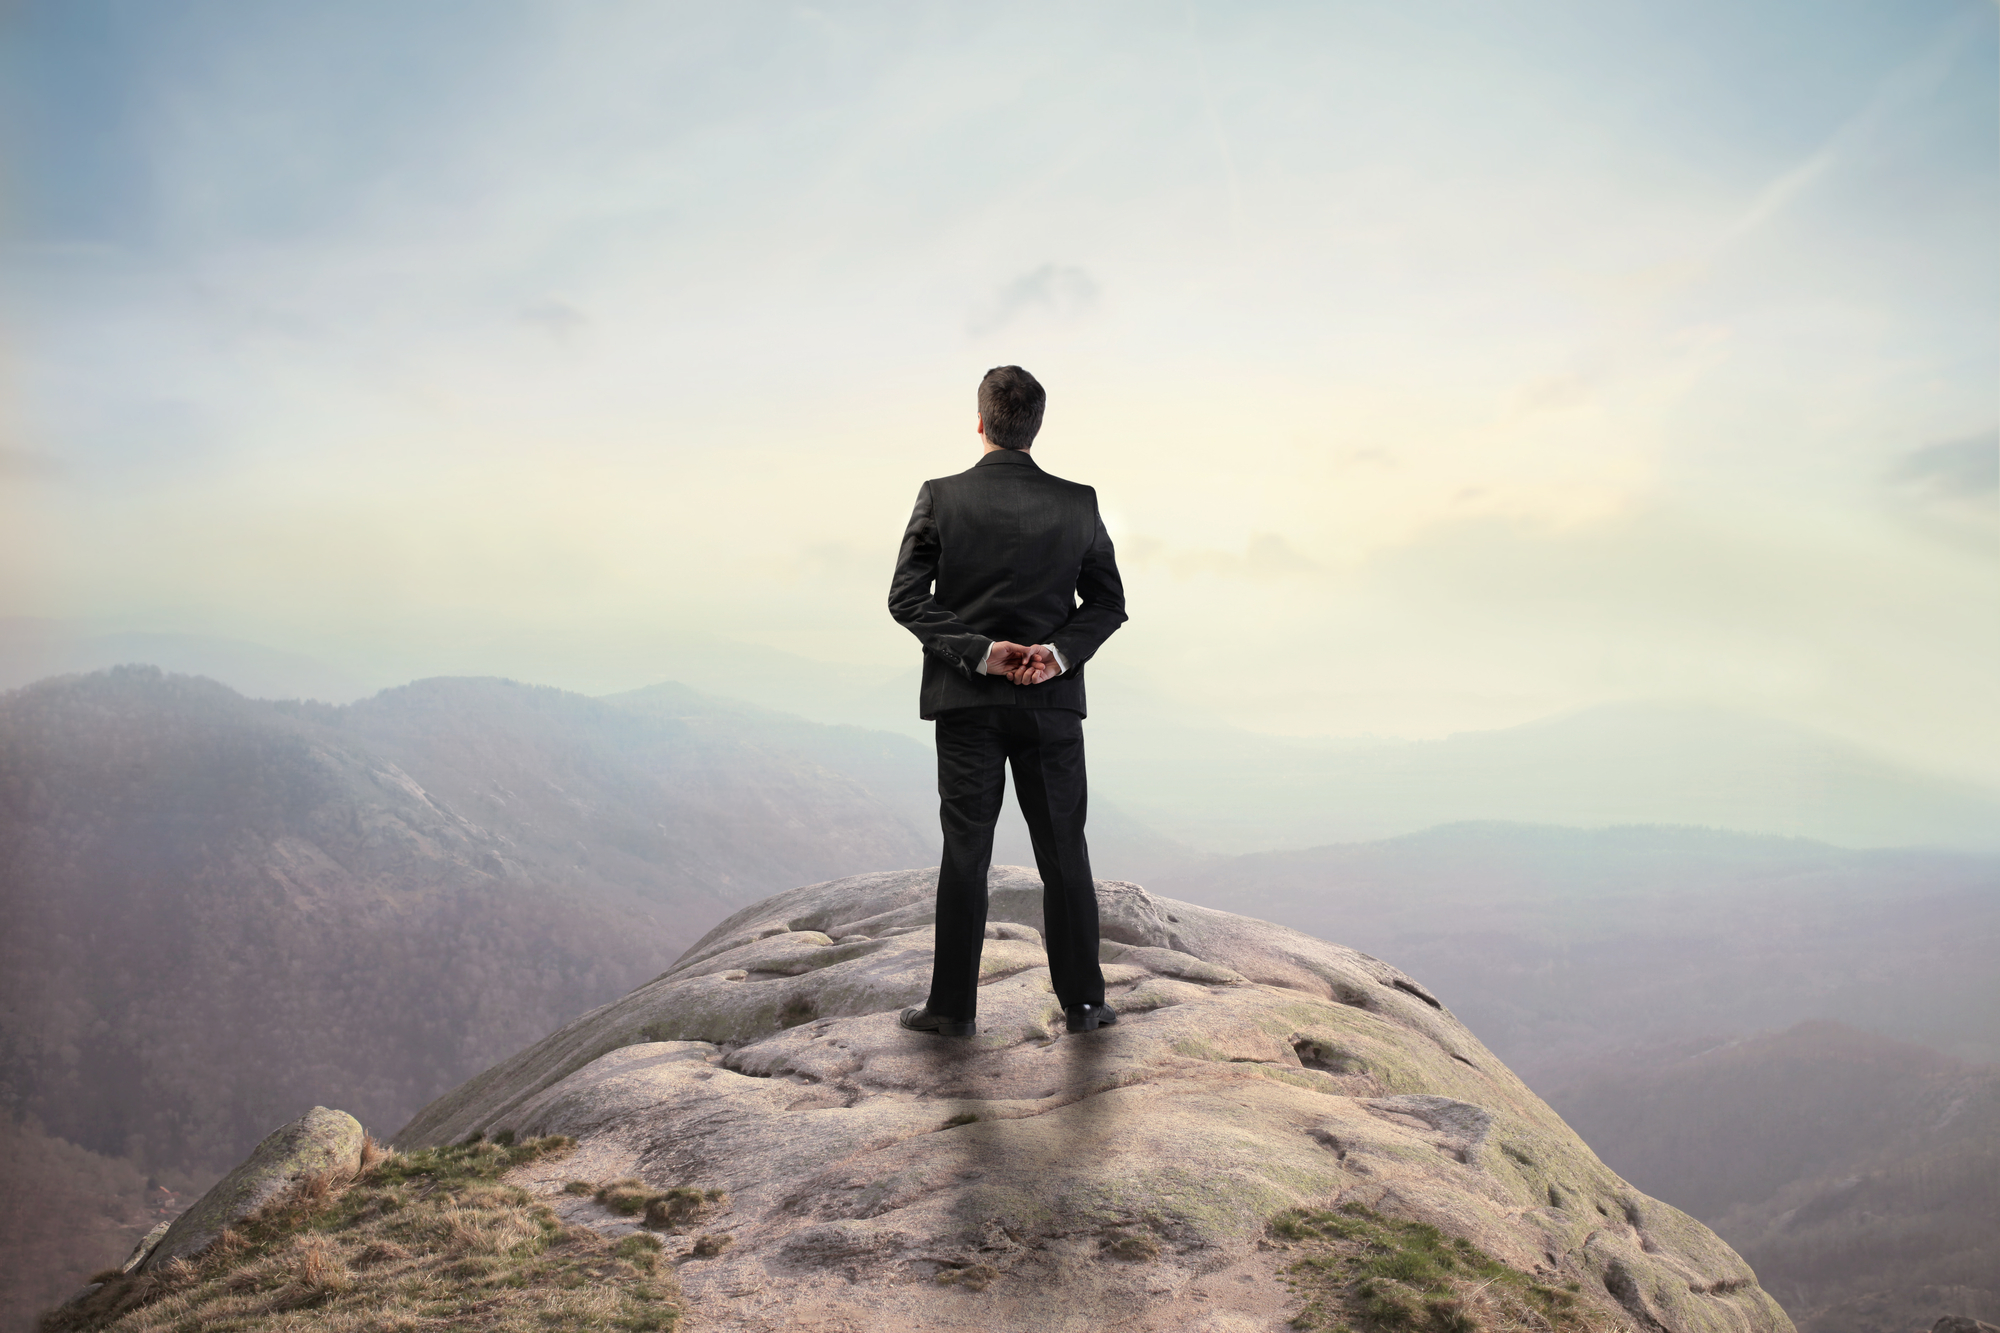 Стив Джобс никогда не управлял крупной компанией до Apple: 3 совета, как вам нанять хорошего лидера